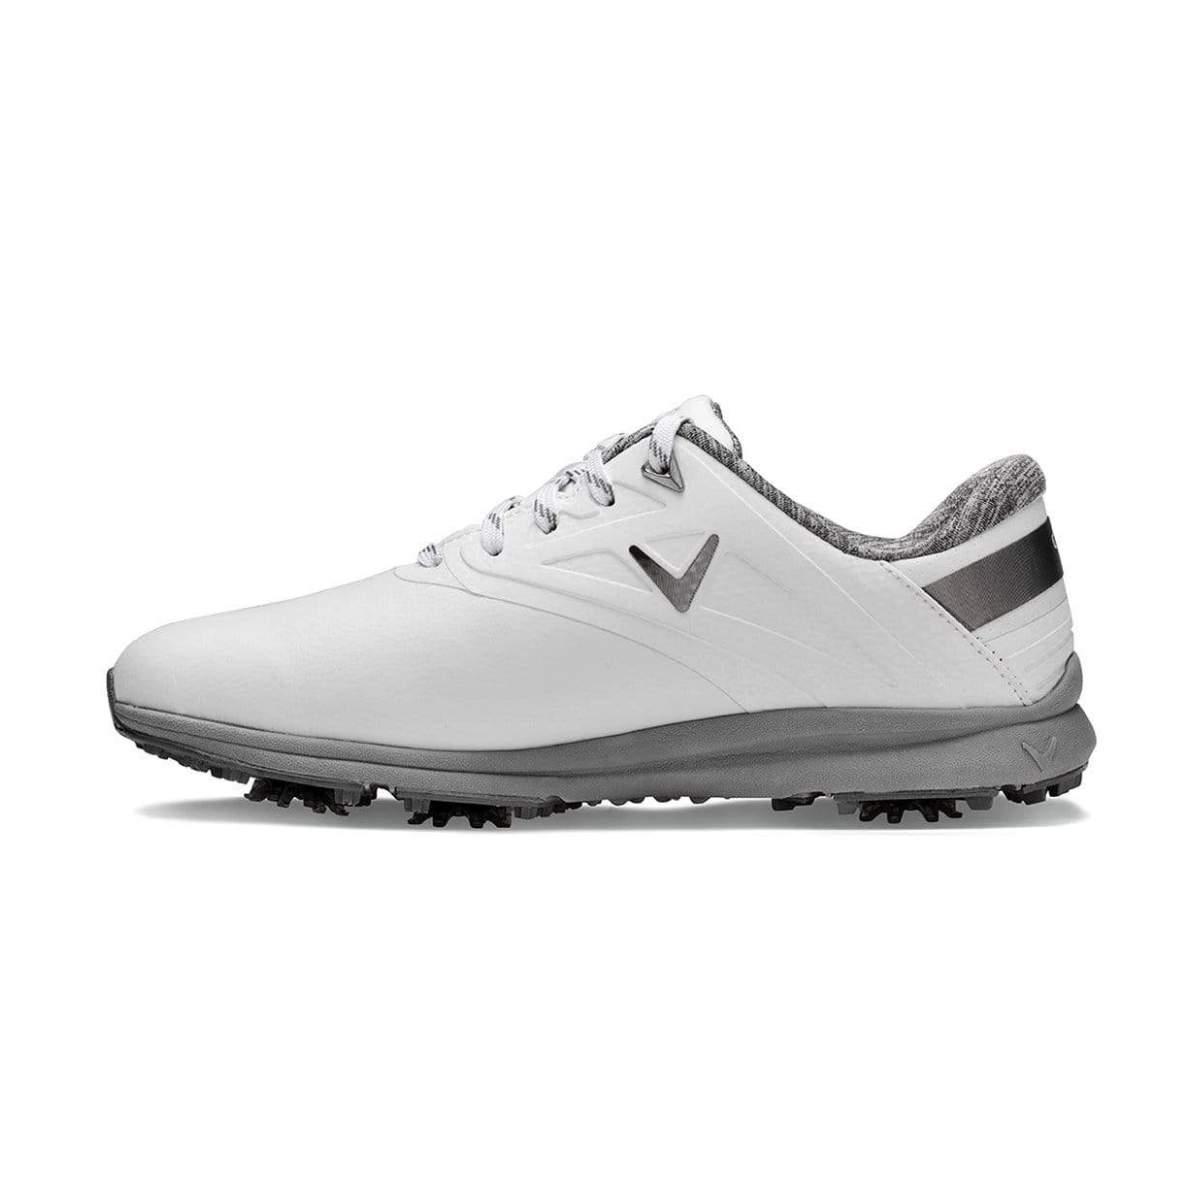 Callaway Women's Coronado White Golf Shoes